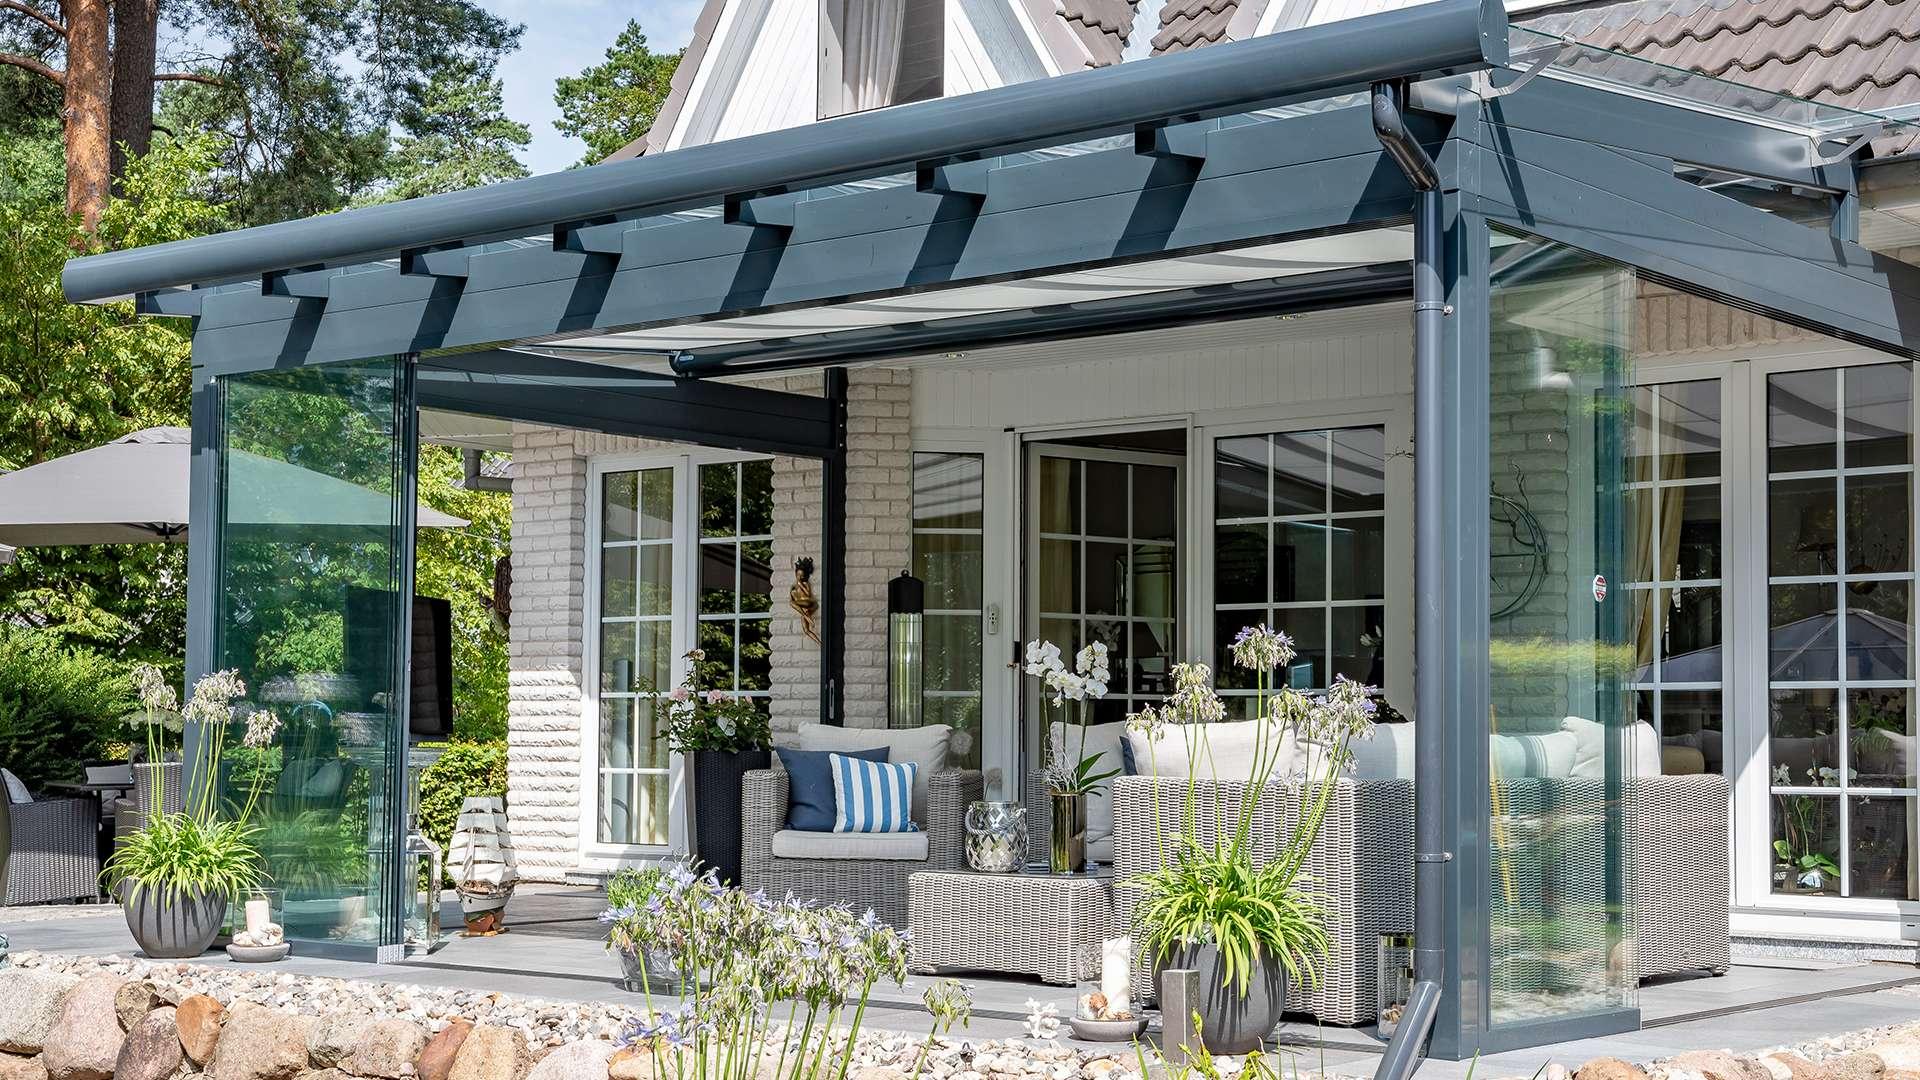 graues Terrassendach an einem weißen Wohnhaus mit moderner Sitzgruppe unter dem Dach